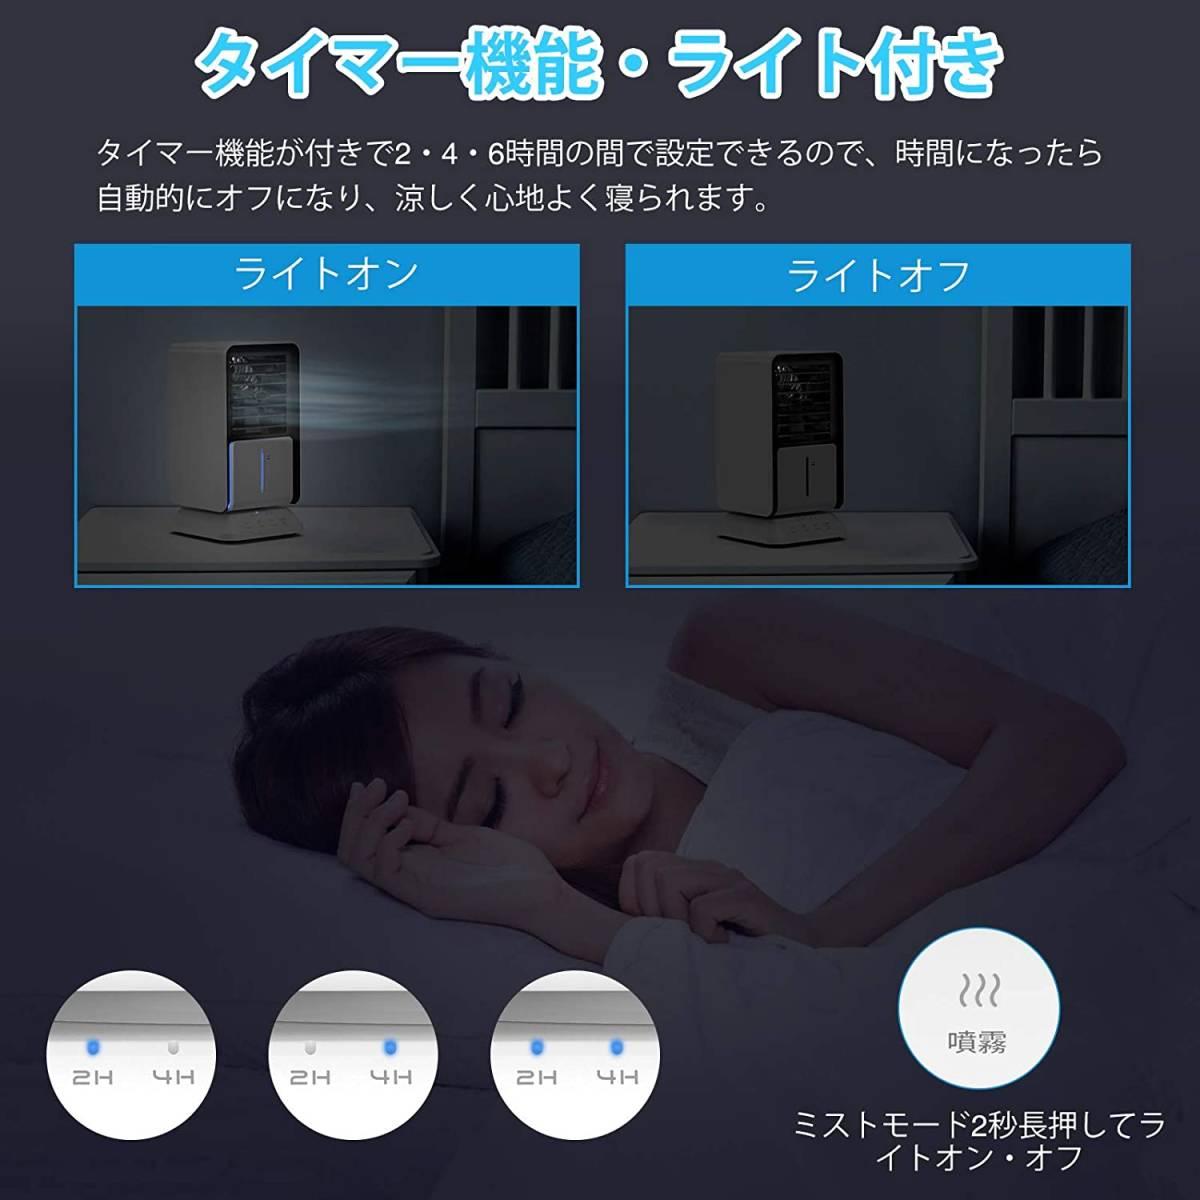 2021年最新版 冷風機 冷風扇 小型 4in1 自動首振り ミスト 加湿 空気清浄機能 3段階切替 タイマー ライト付き 角度調整 日本語説明書_画像5